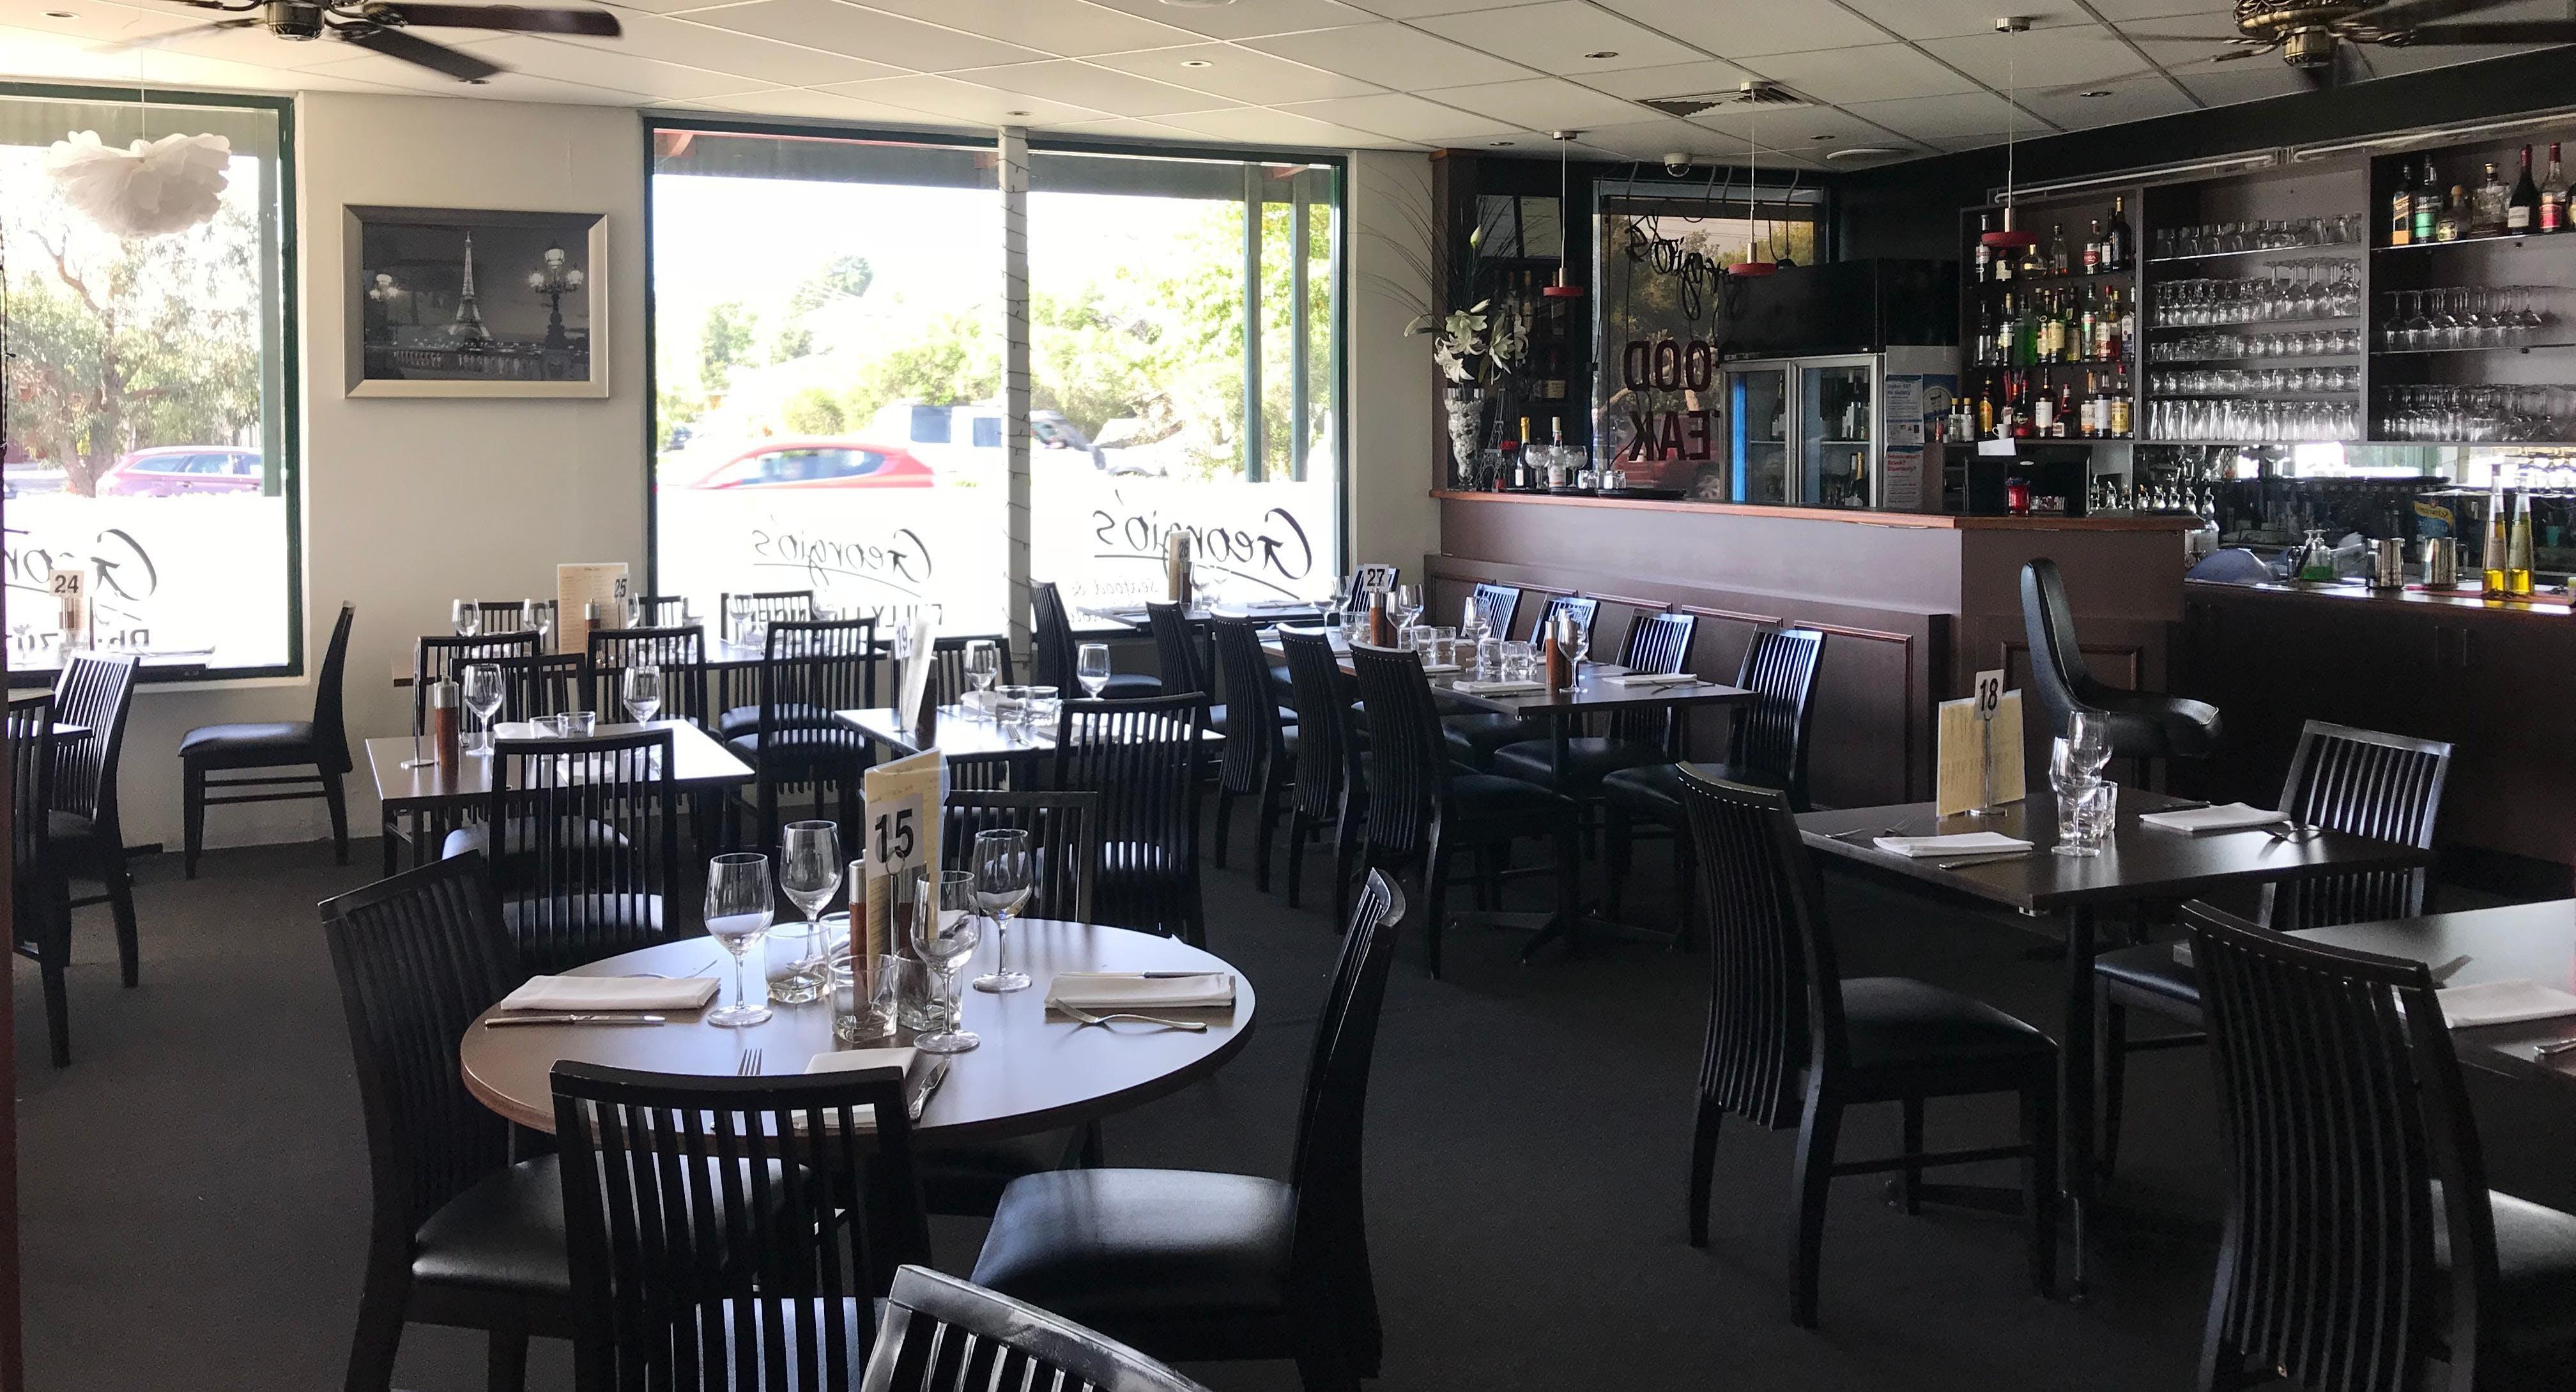 Georgio's Seafood & Steak Melbourne image 1